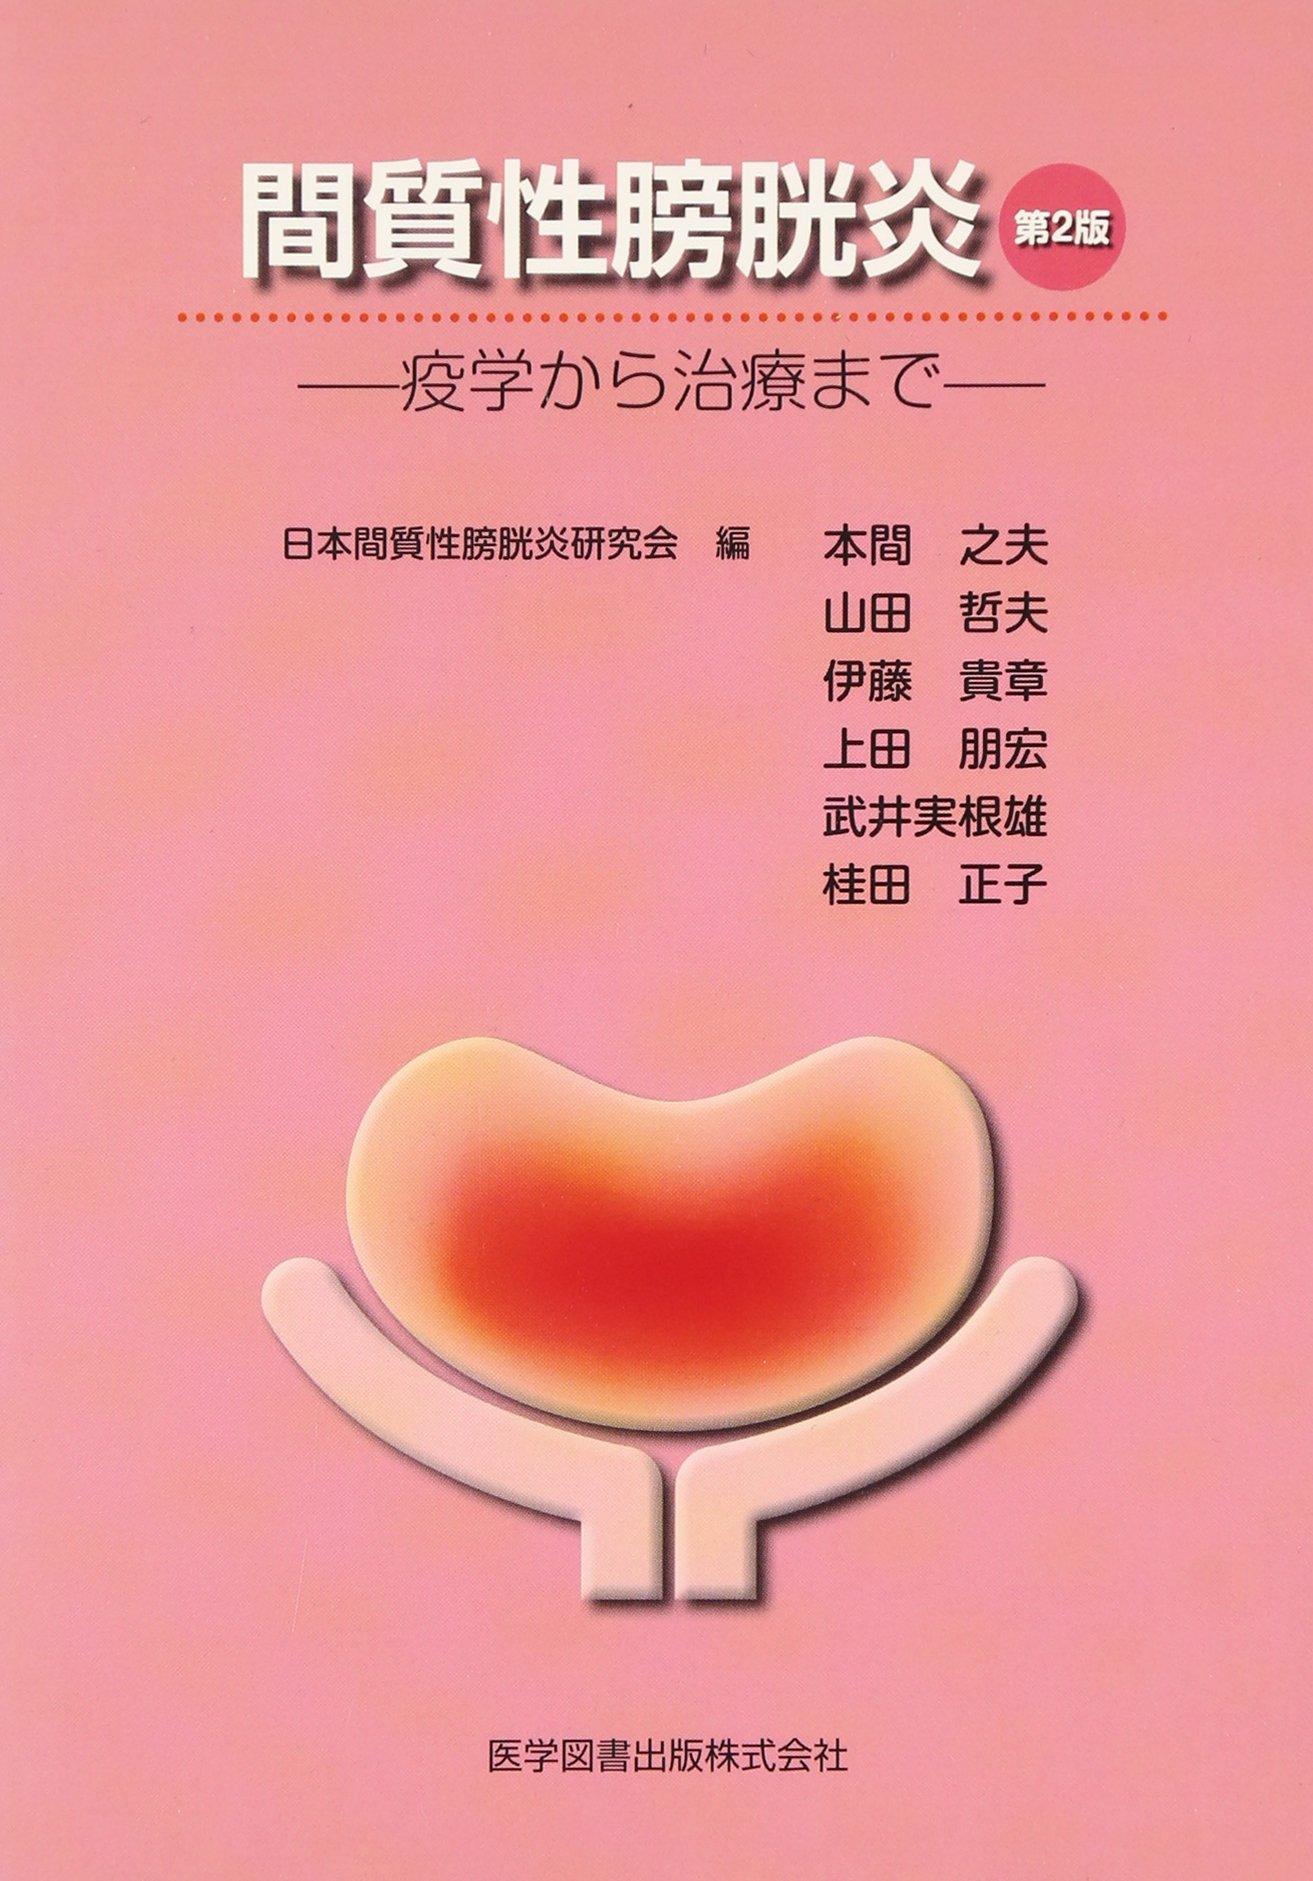 膀胱 炎 質 性 間